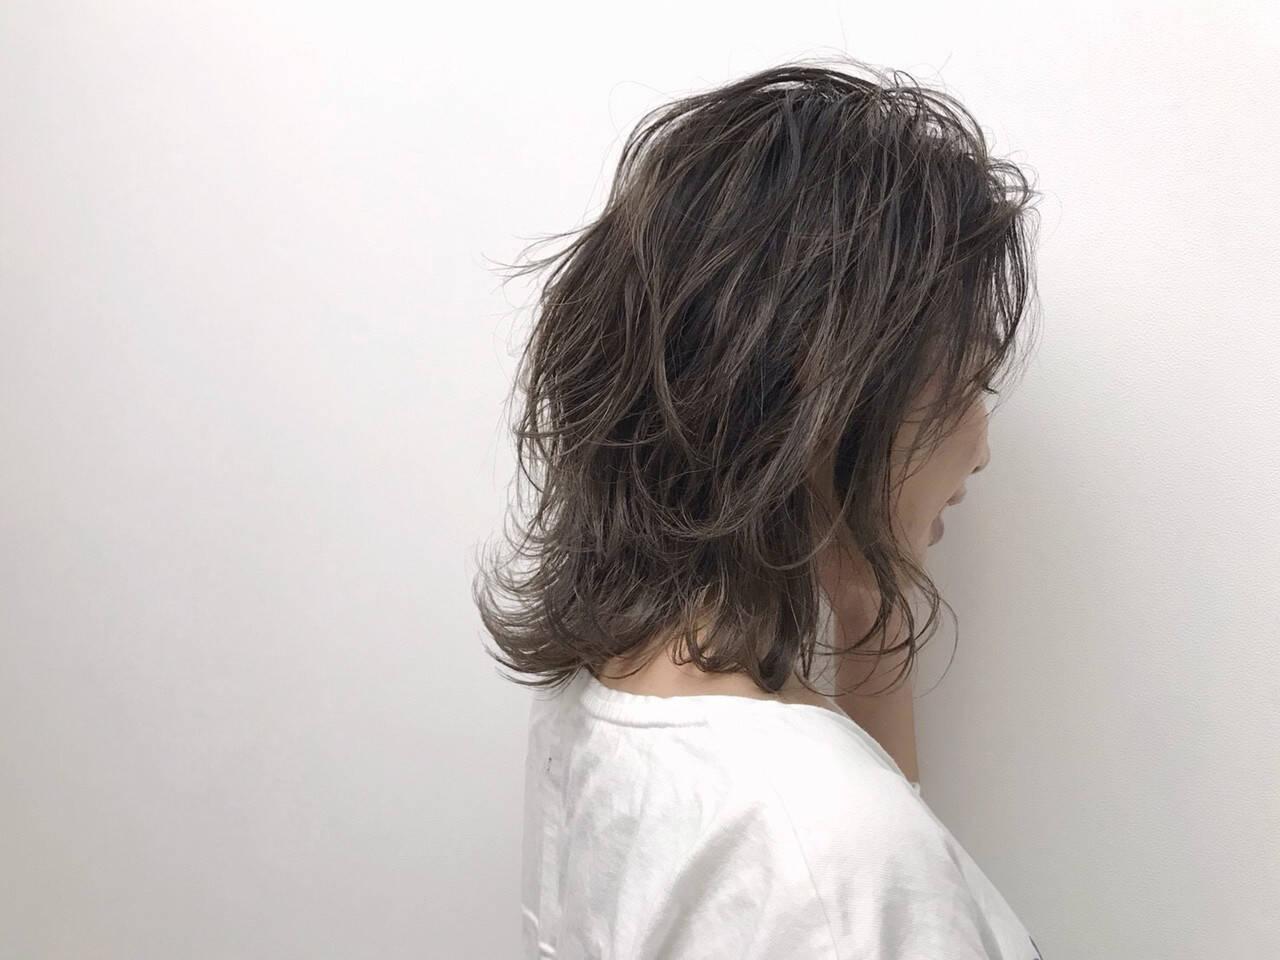 イルミナカラー おしゃれさんと繋がりたい エレガント アッシュグレージュヘアスタイルや髪型の写真・画像